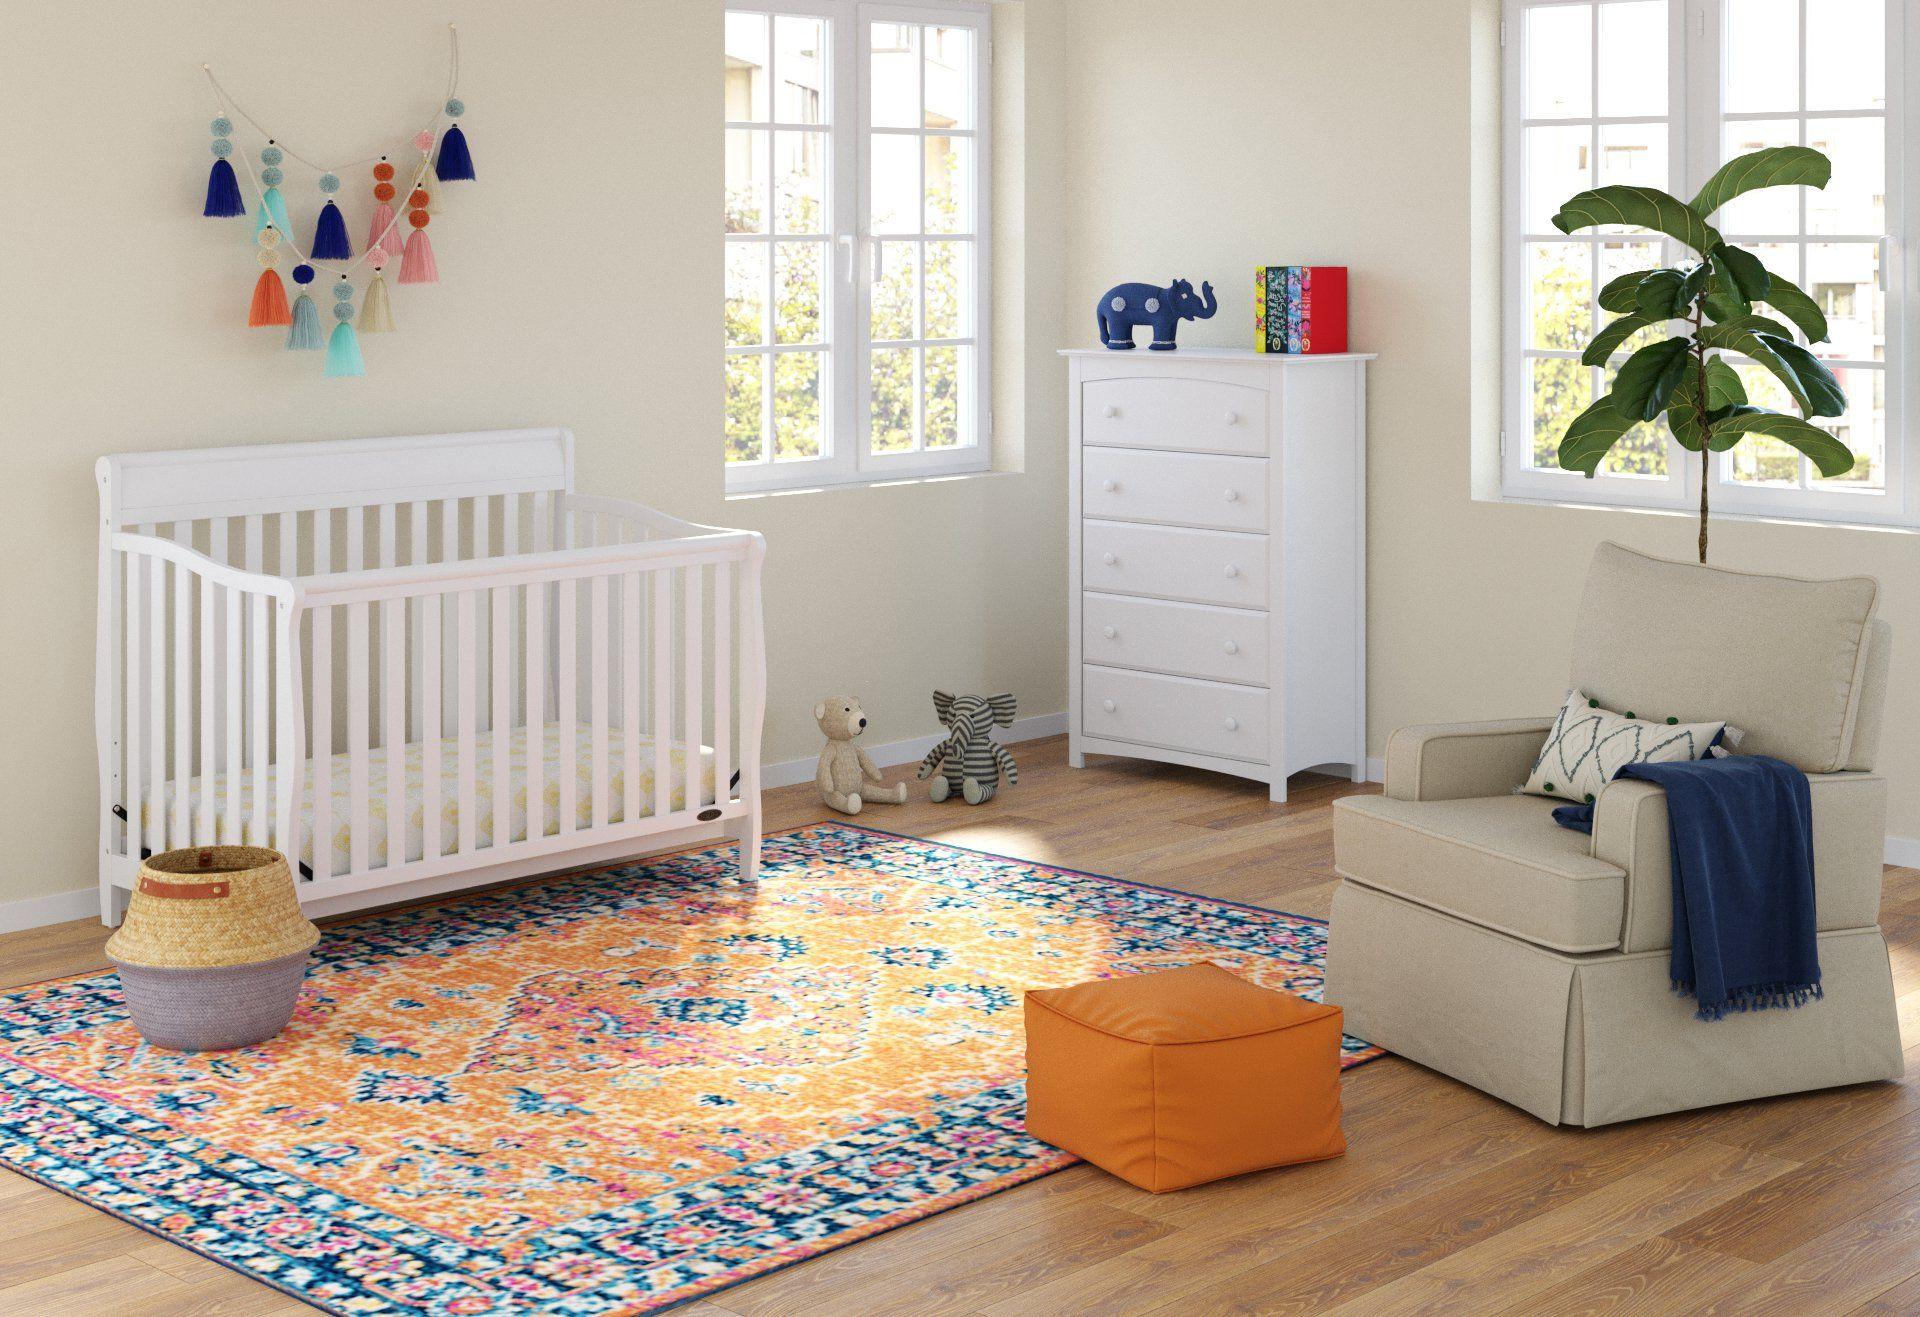 Storkcraft Kenton 6 Drawer Dresser White Storkcraft 6 Drawer Dresser Dresser Drawers [ 1000 x 1000 Pixel ]